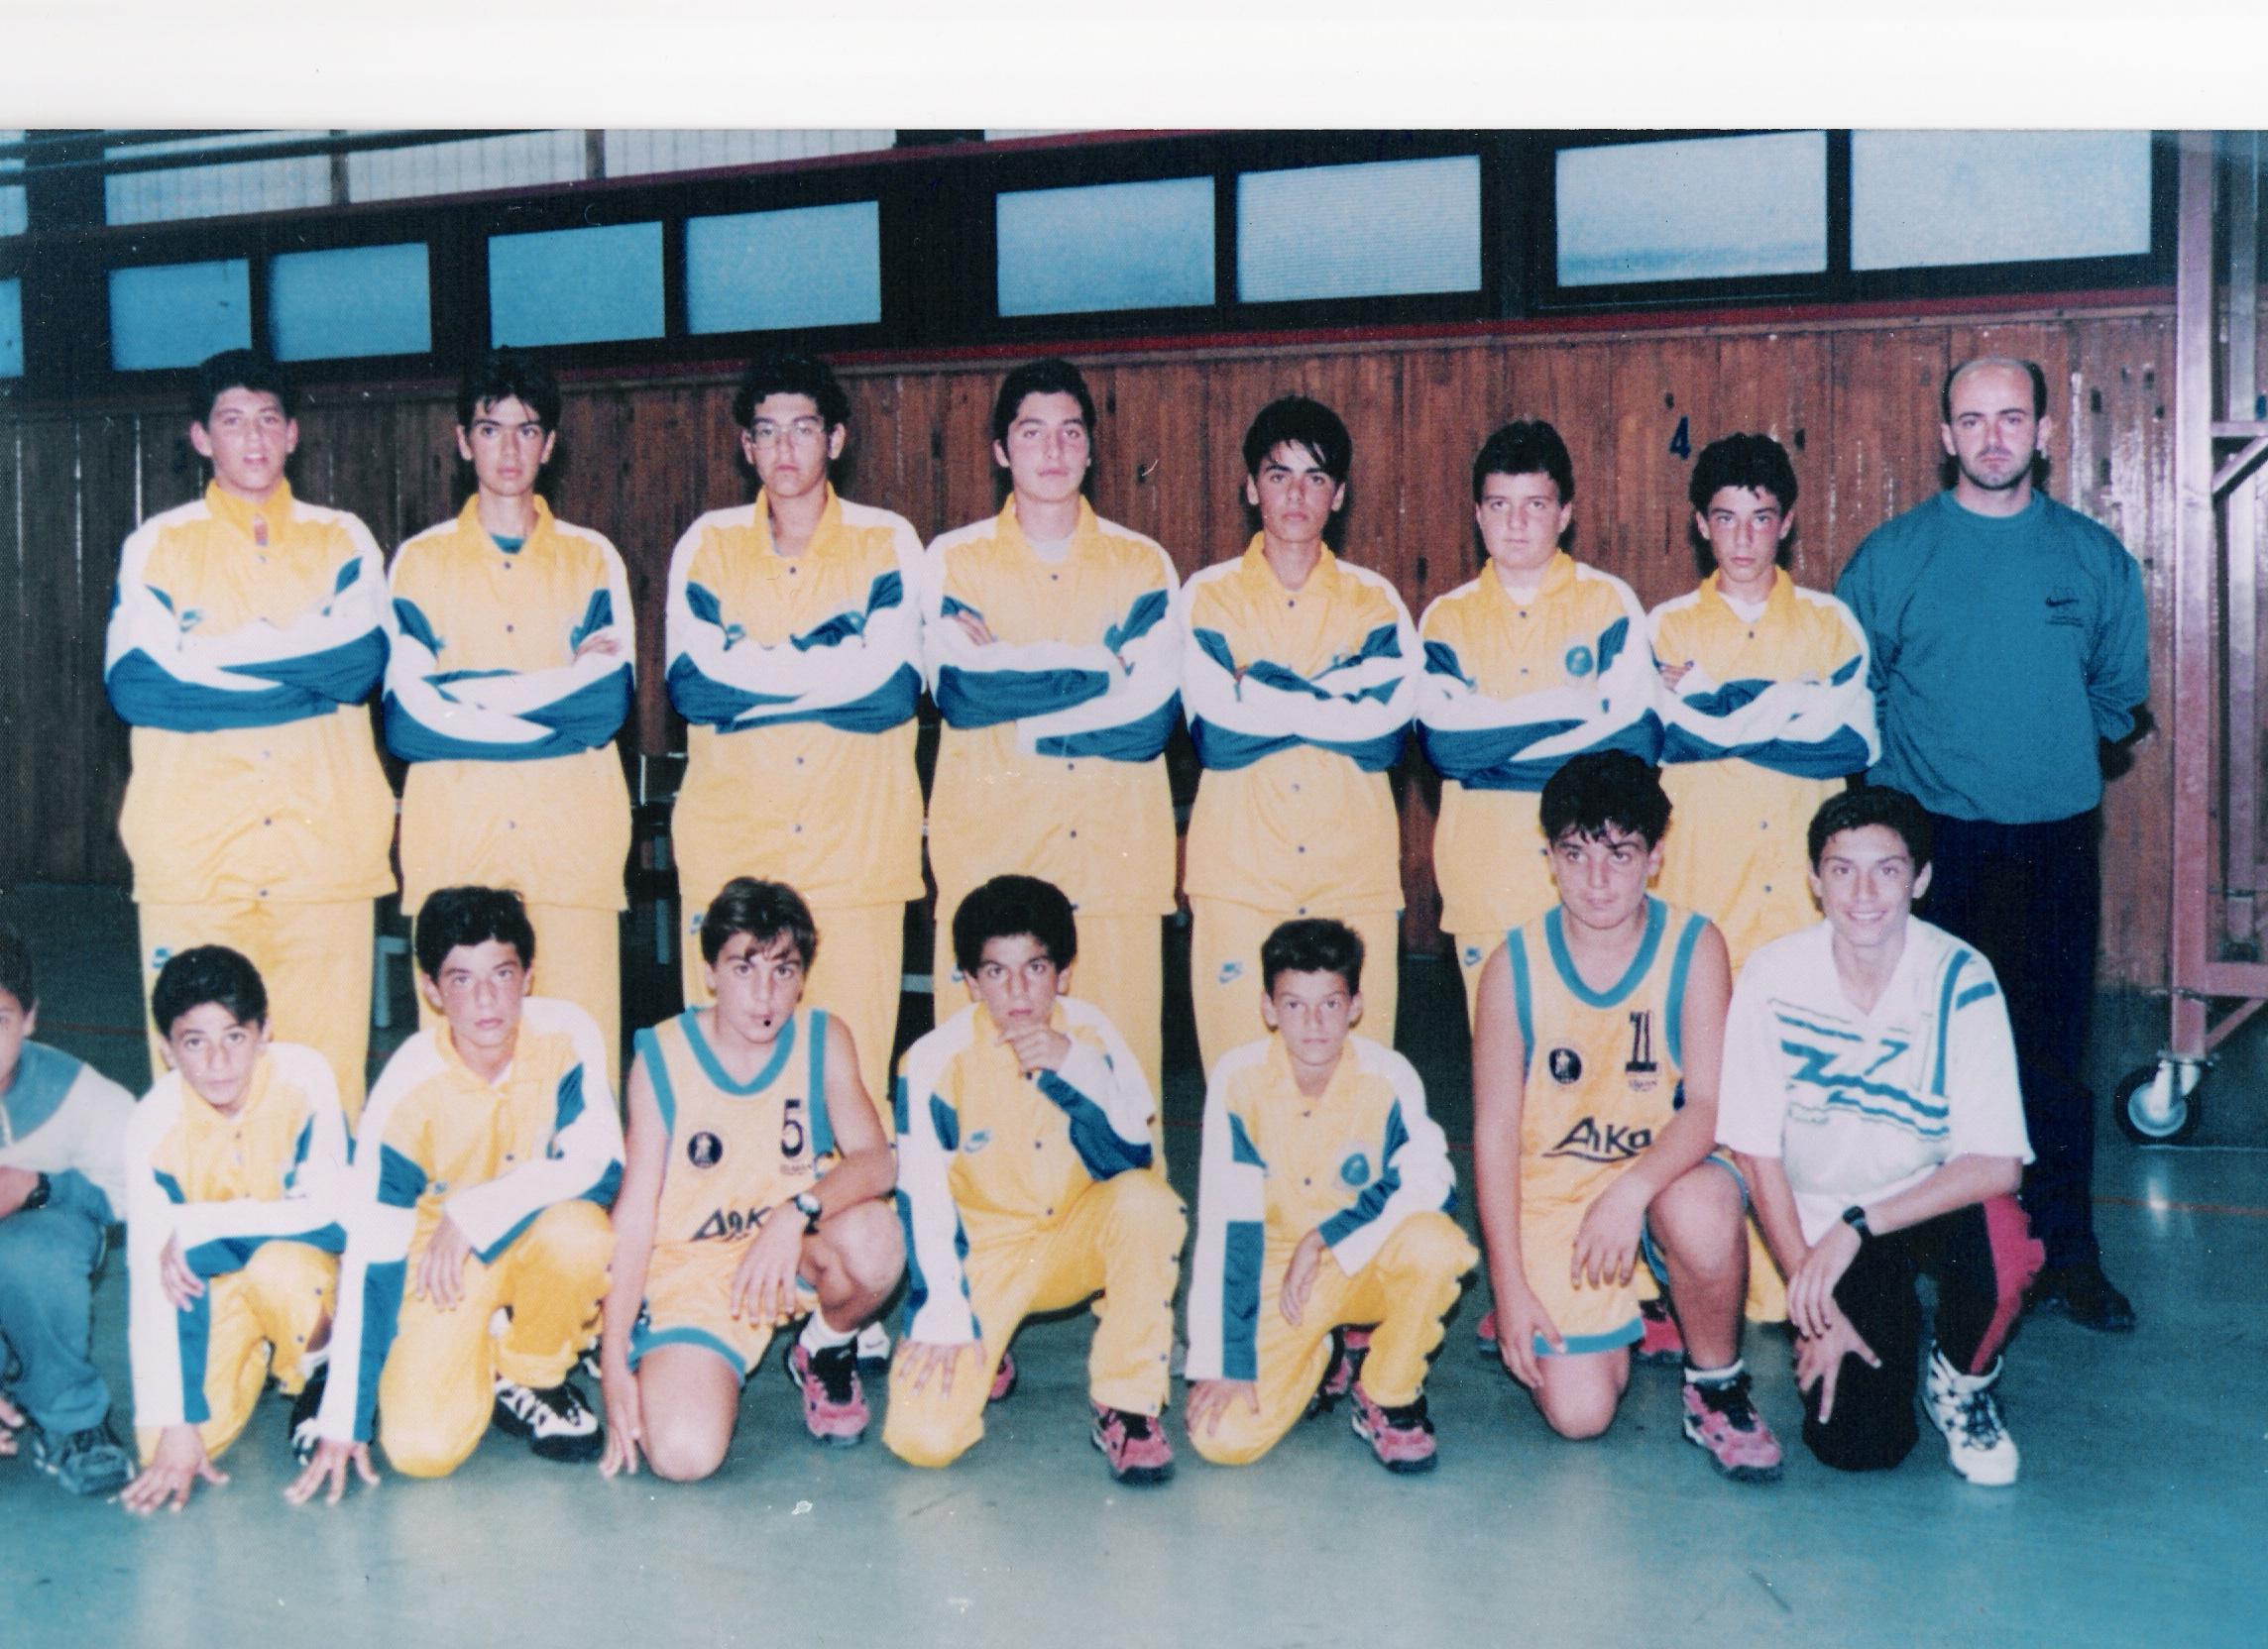 ΠΑΙΔΙΚΟ ΧΑΡΜΥΛΟΣ 1995-1996